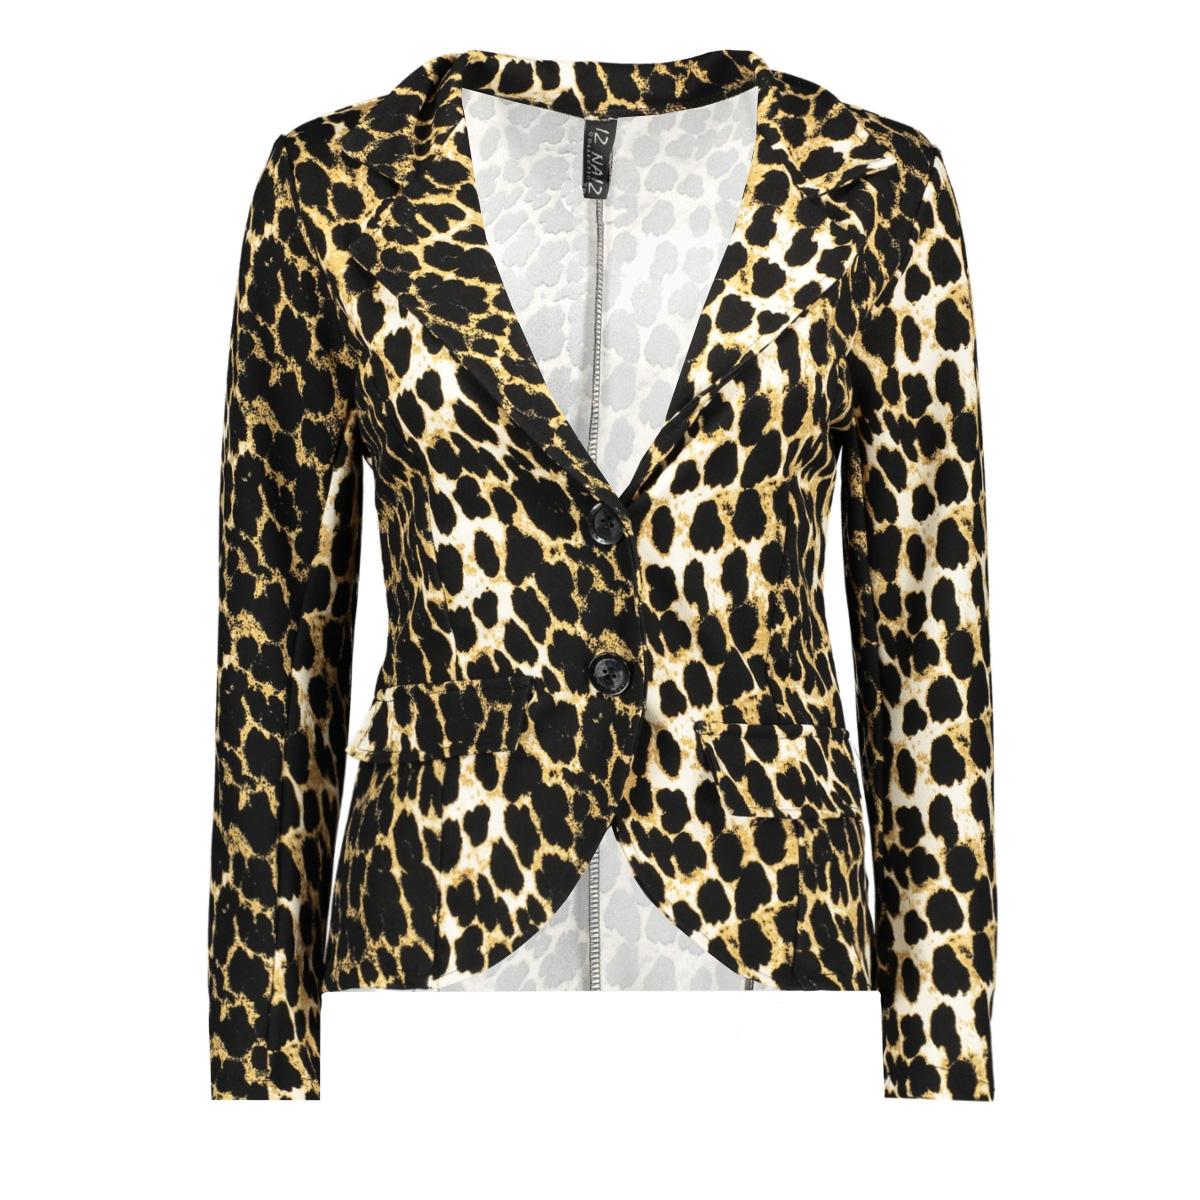 3254 blazer iz naiz blazer leopard